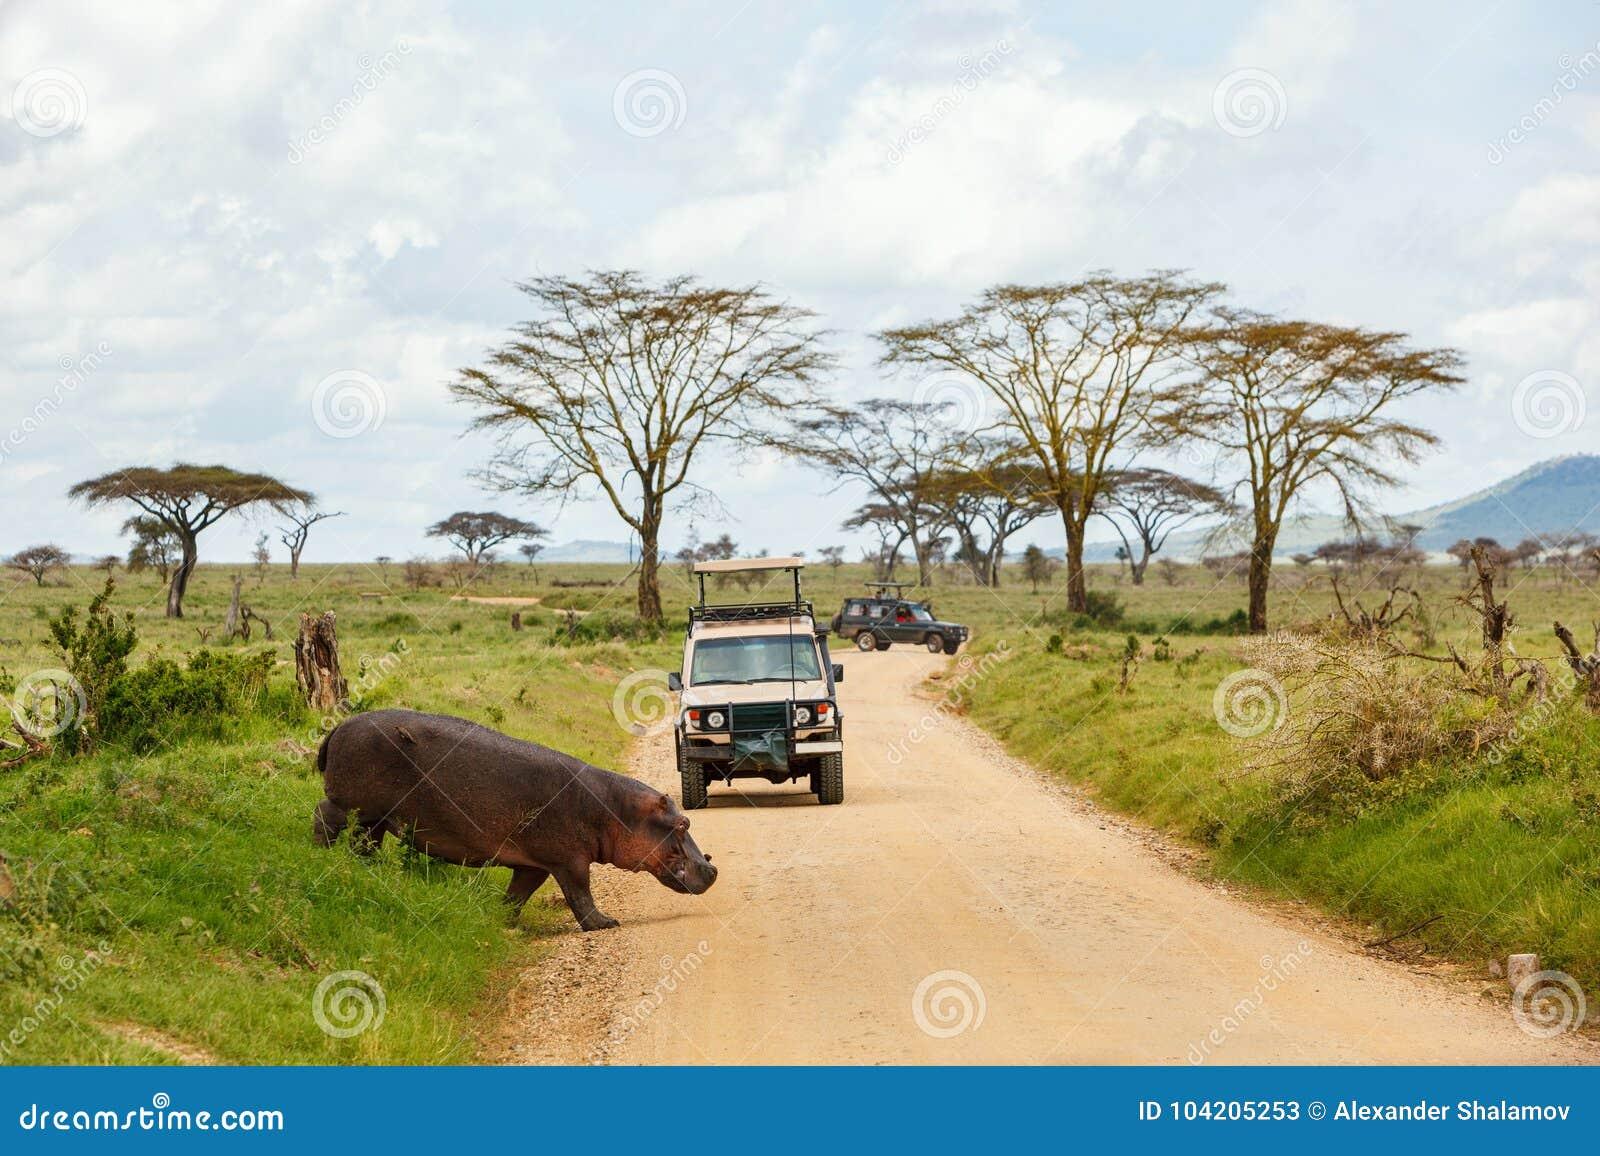 ζώα γύρω από το σαφάρι Τανζανία ngorongoro παιχνιδιών ρυθμιστή κρατήρων αυτοκινήτων